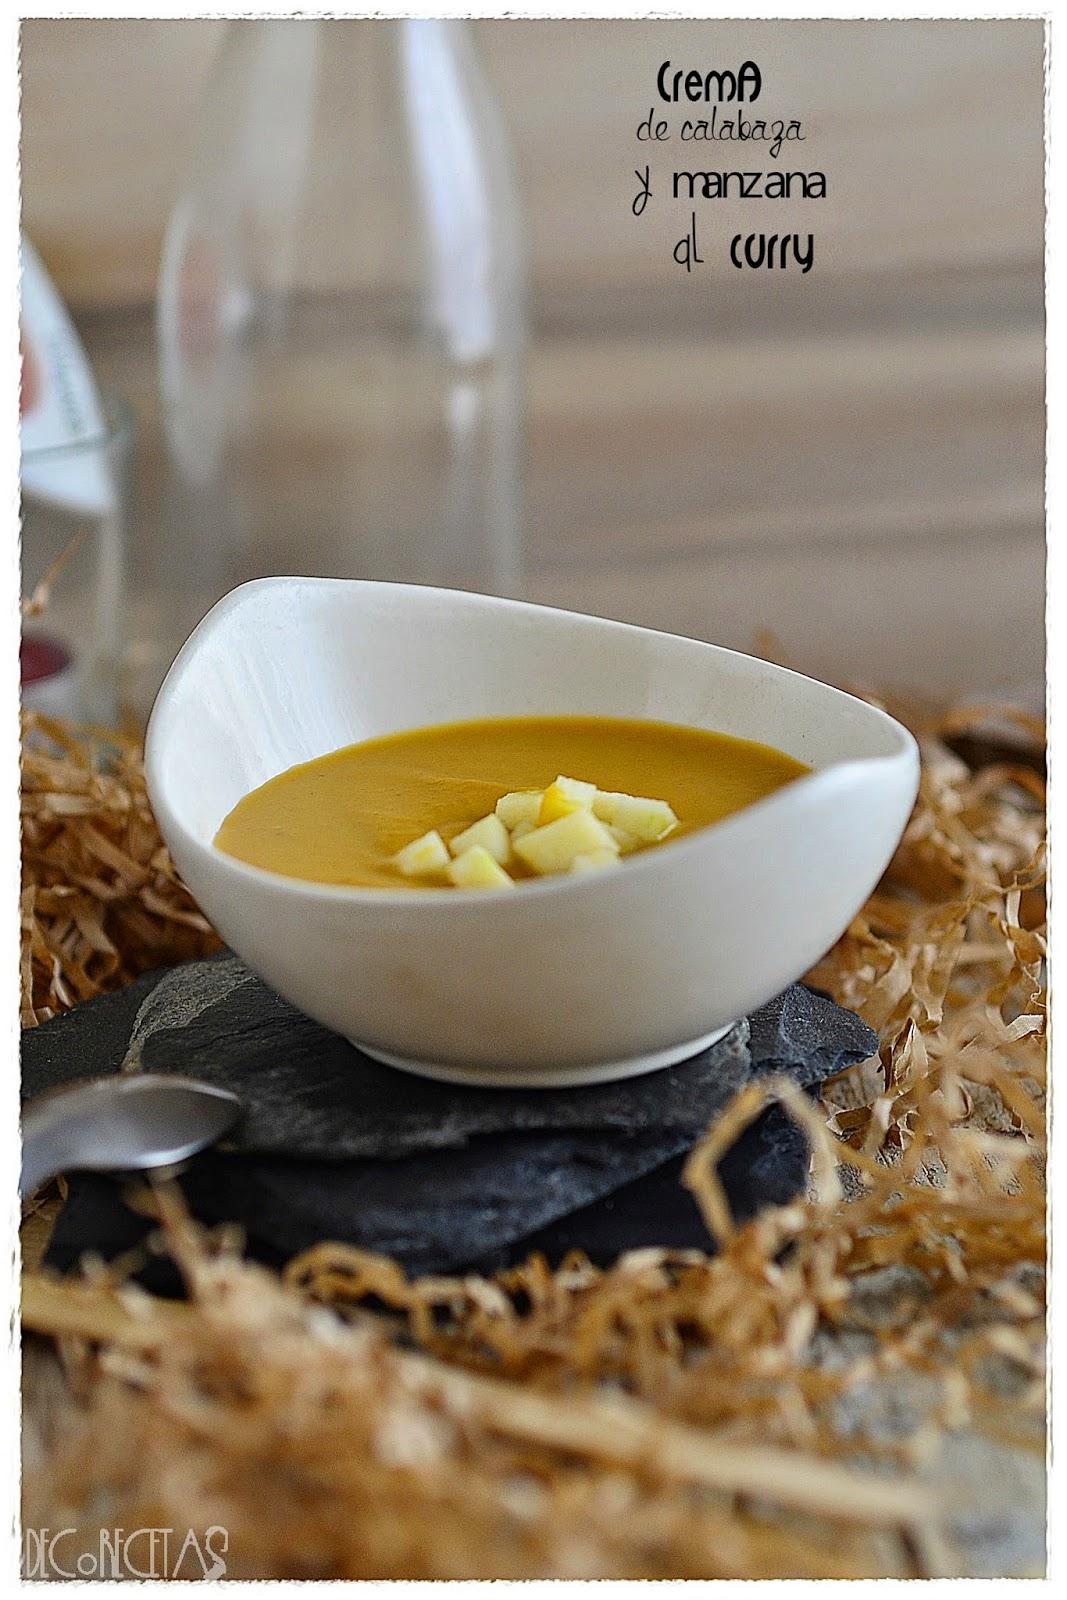 Crema de calabaza y manzana al curry